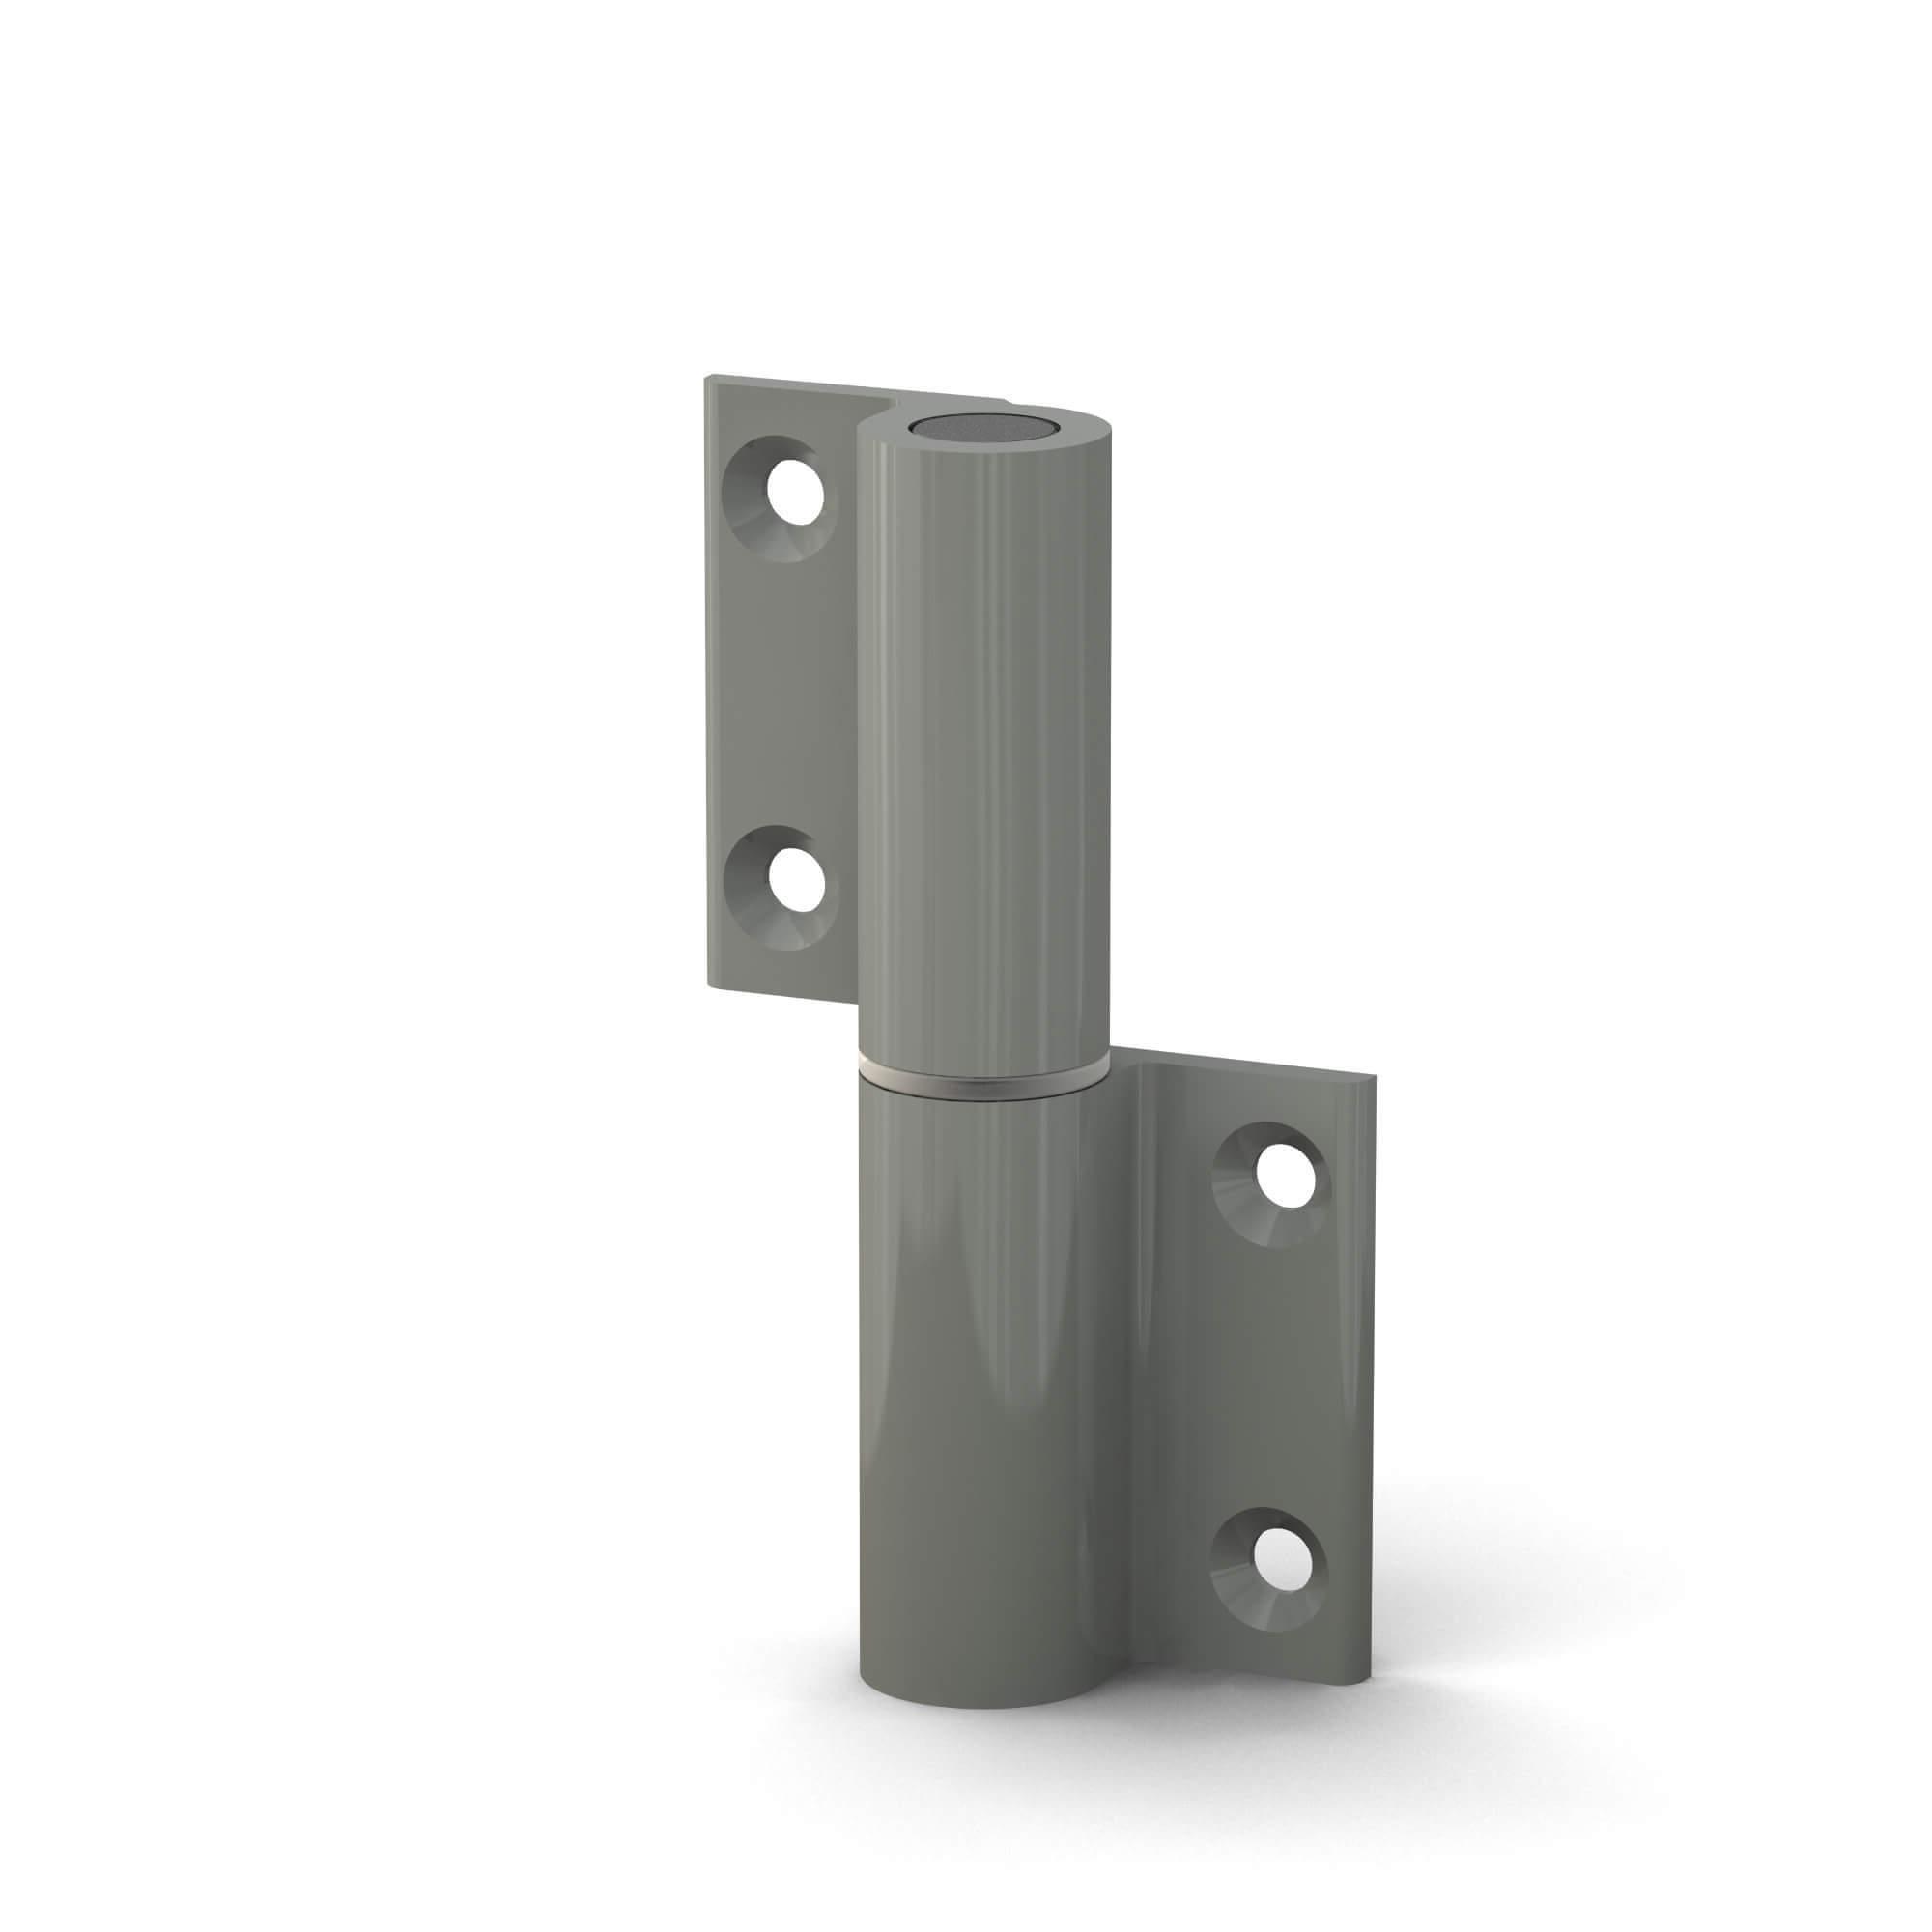 BUNT & PFIFFIG Doppelpack Möbelband Möbelscharnier Aufschraubband Türscharnier aus Aluminium Grau Achatgrau Hellgrau RAL 7038 DIN-Richtung: rechts - aufschraubbar